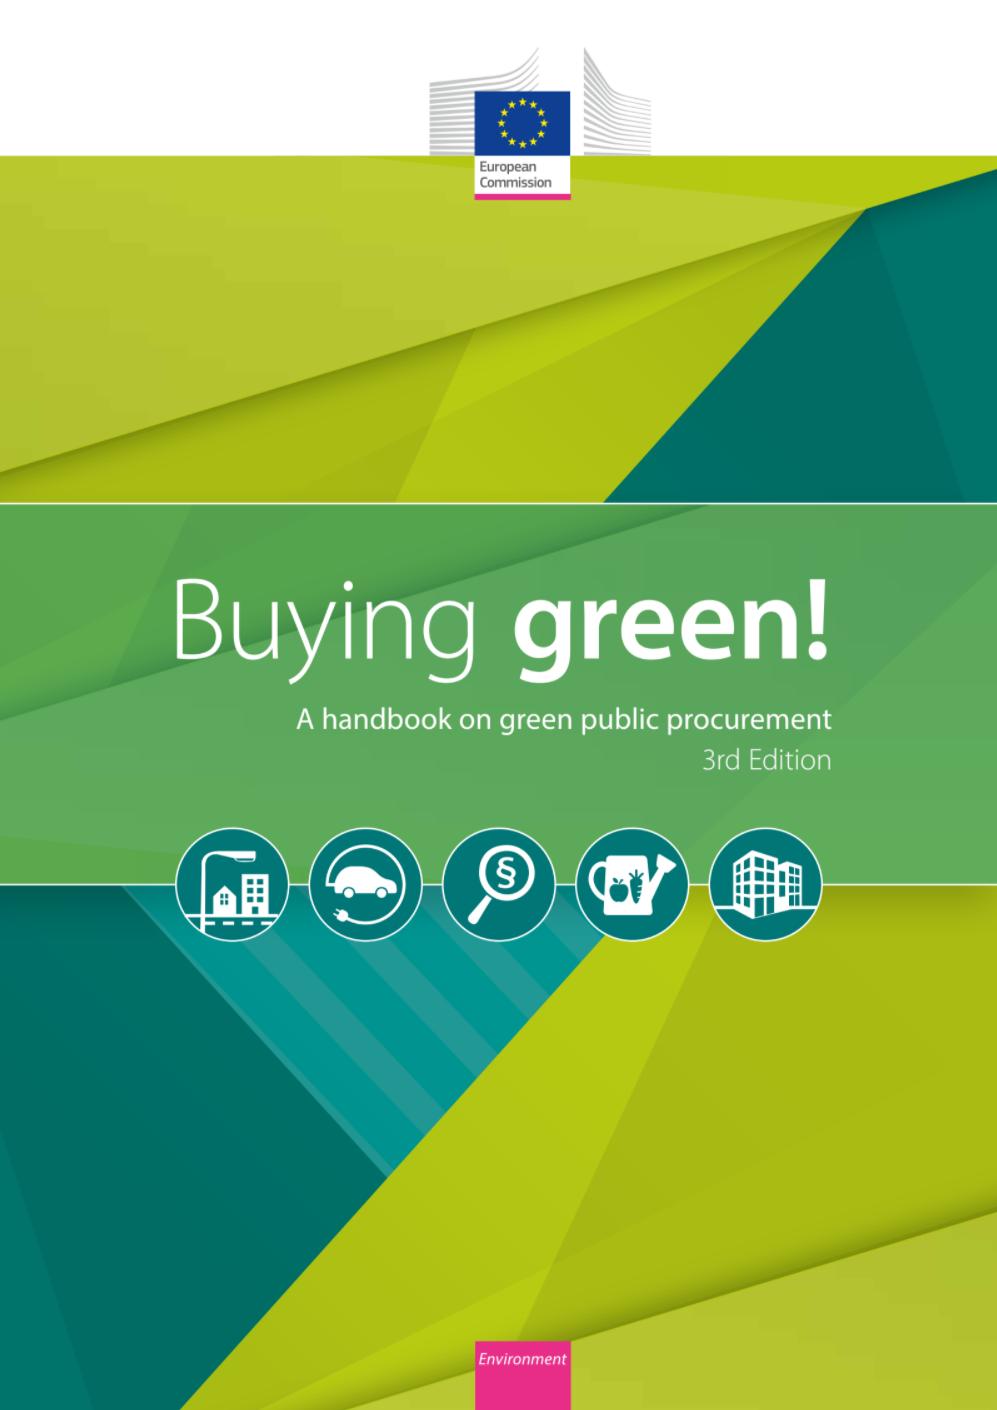 https://greener-project.eu/files/Captura-de-pantalla-2021-05-13-a-las-17.41.02.png